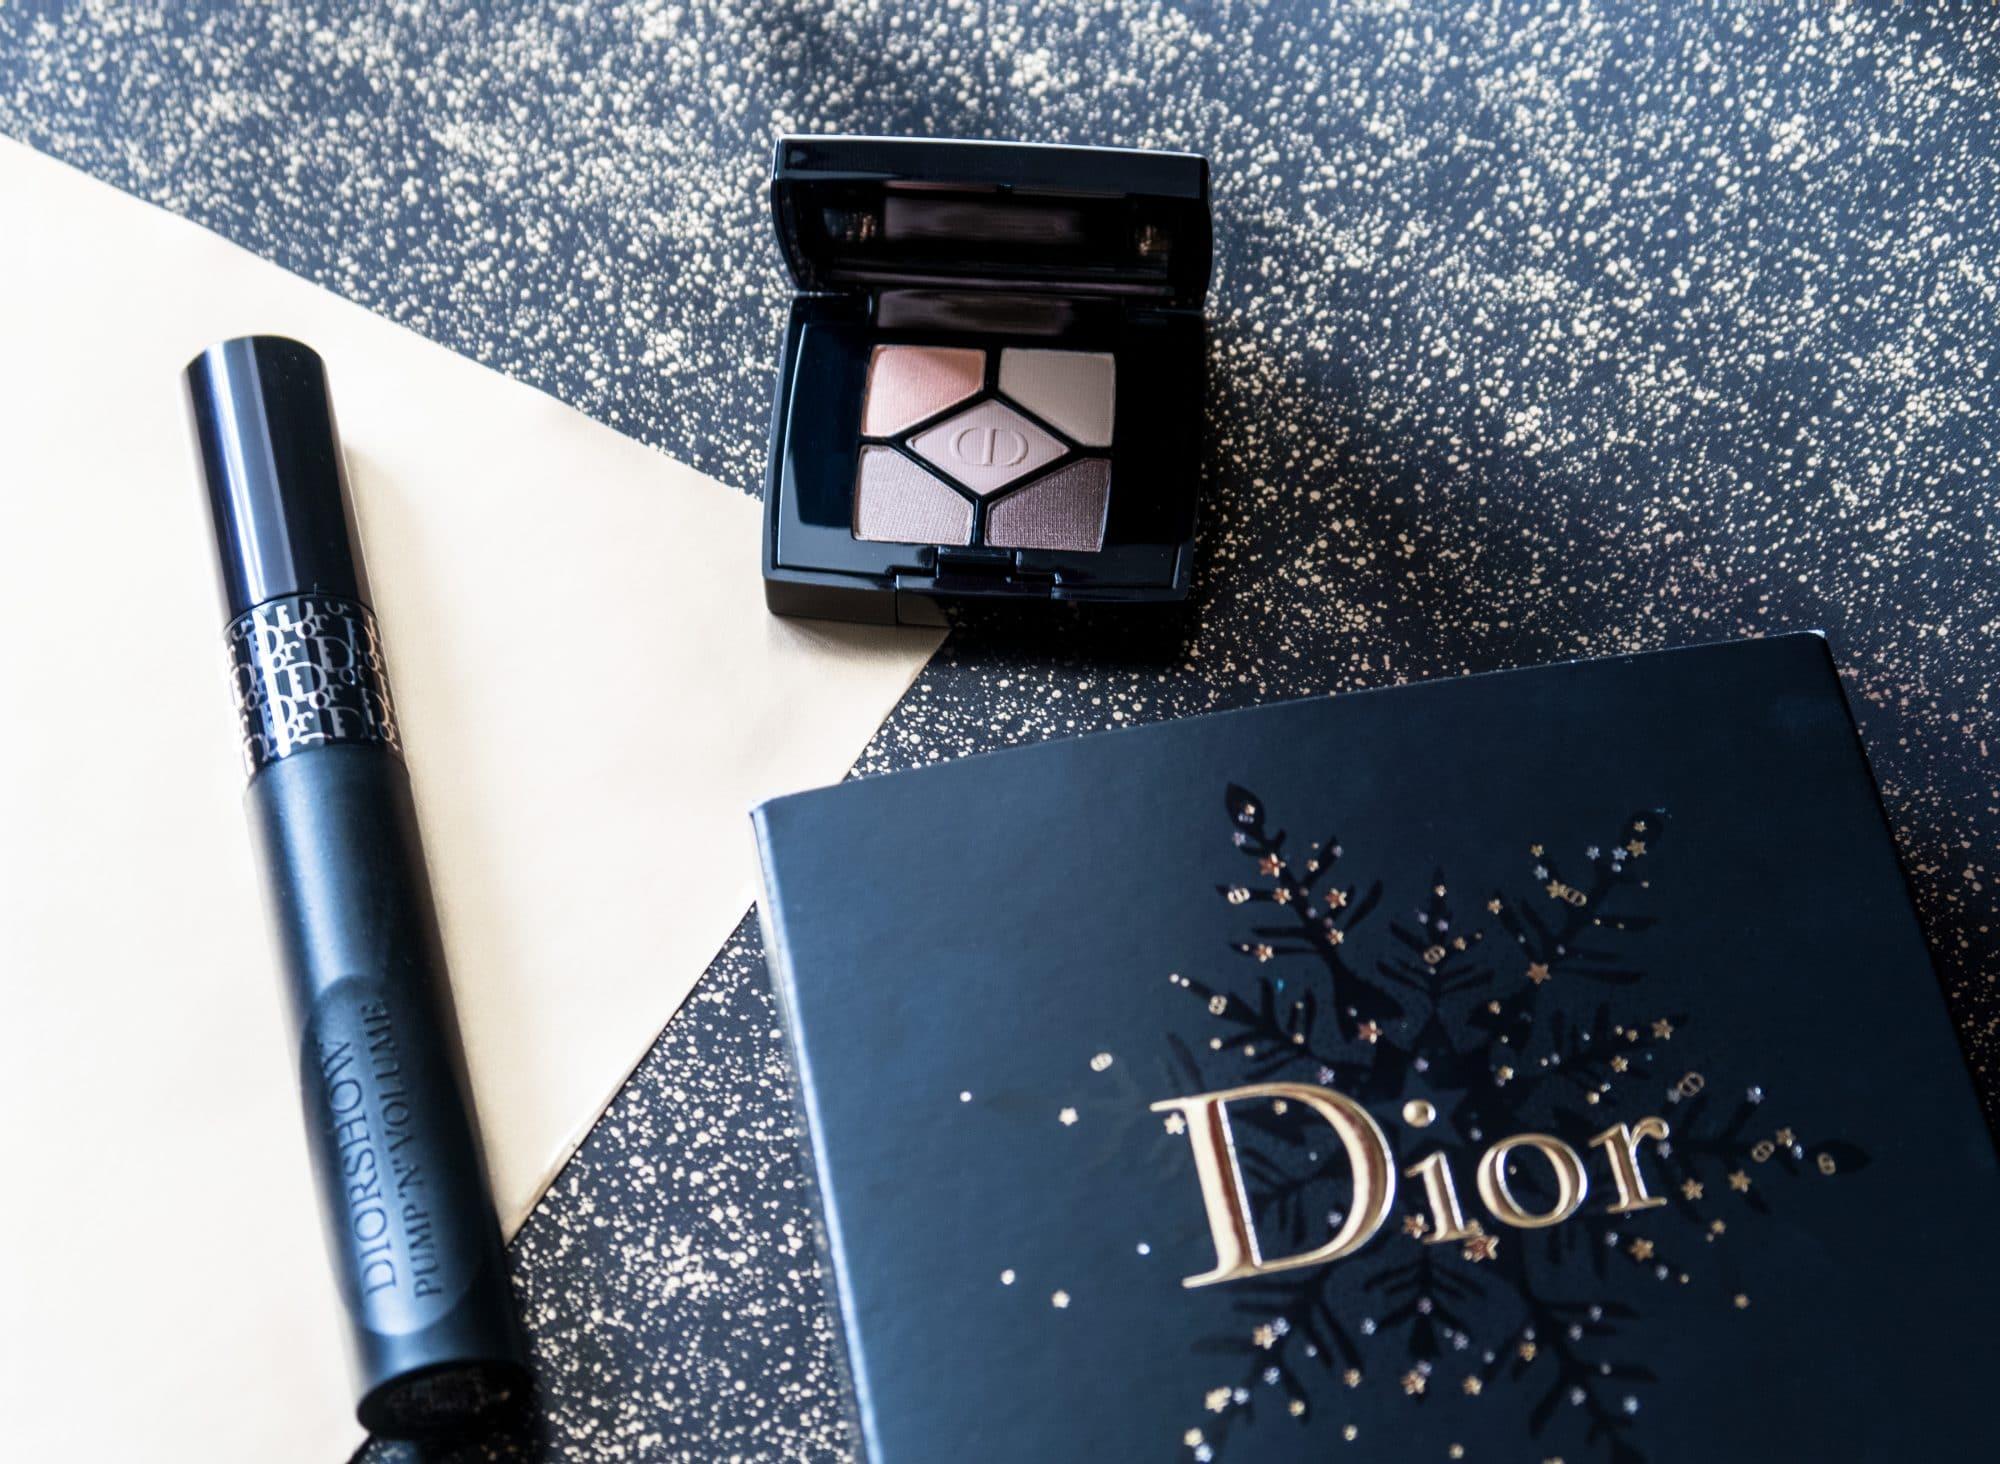 Dior Makeup Christmas Giveaway_2